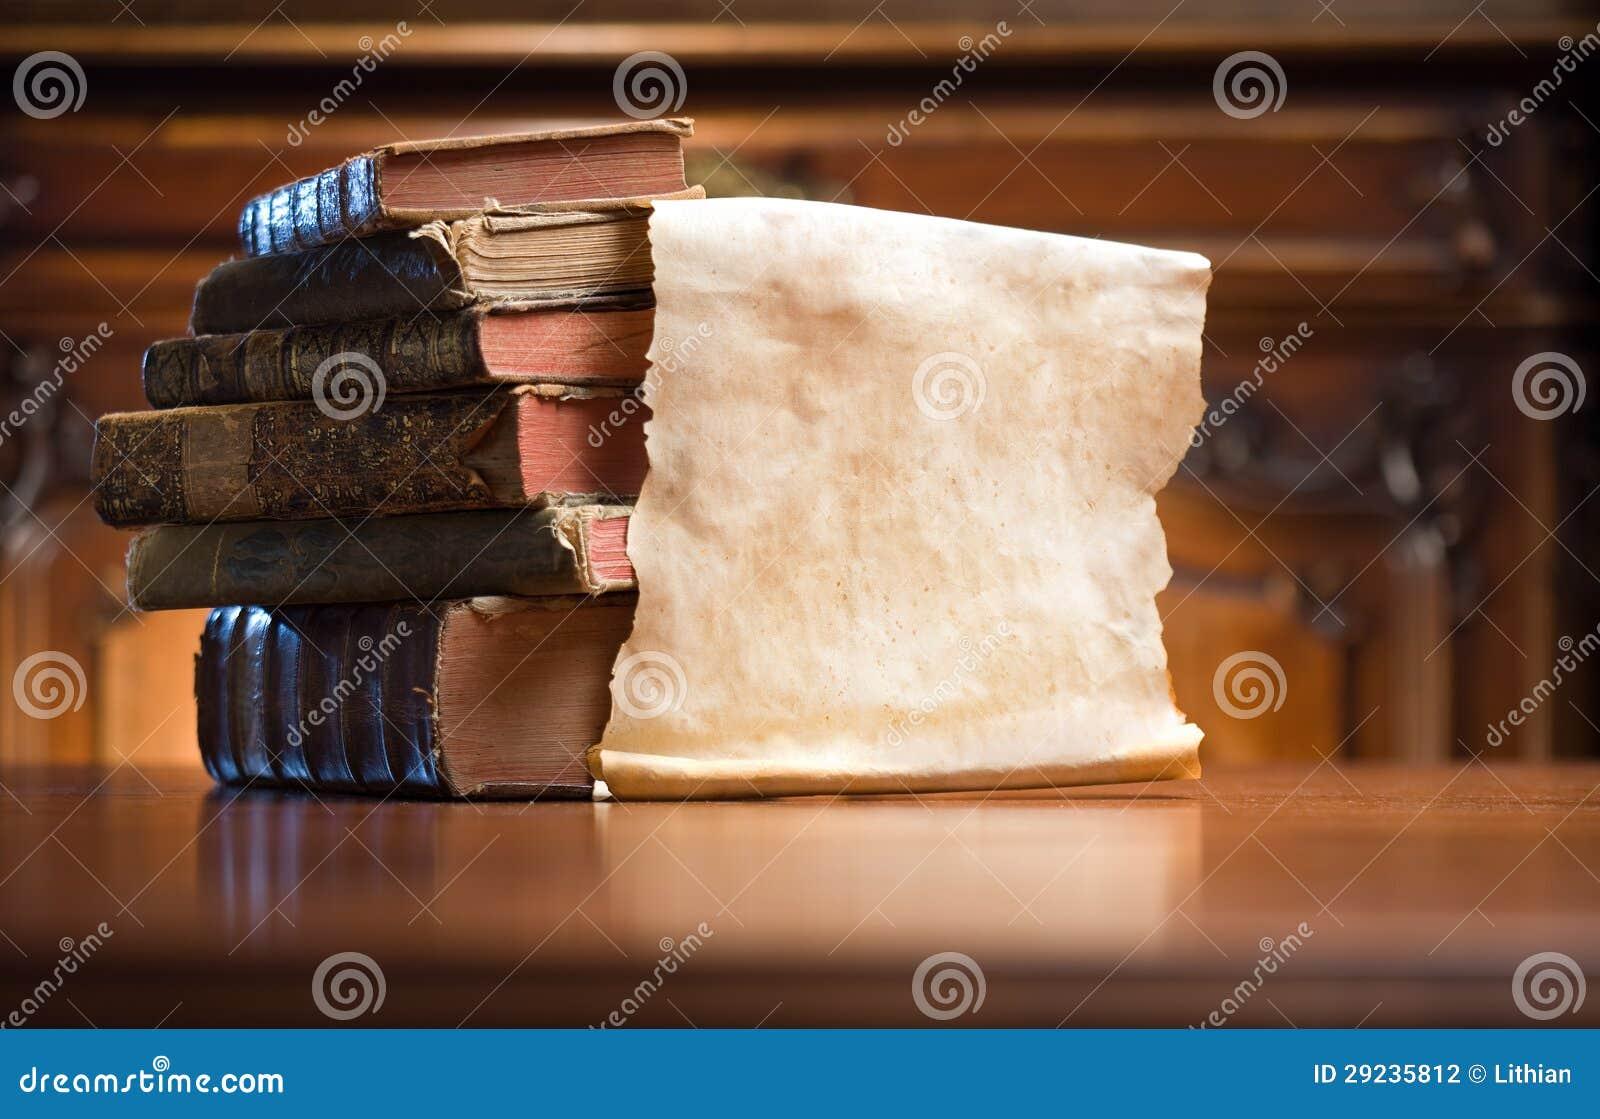 Download Livros do mistério. foto de stock. Imagem de biblioteca - 29235812